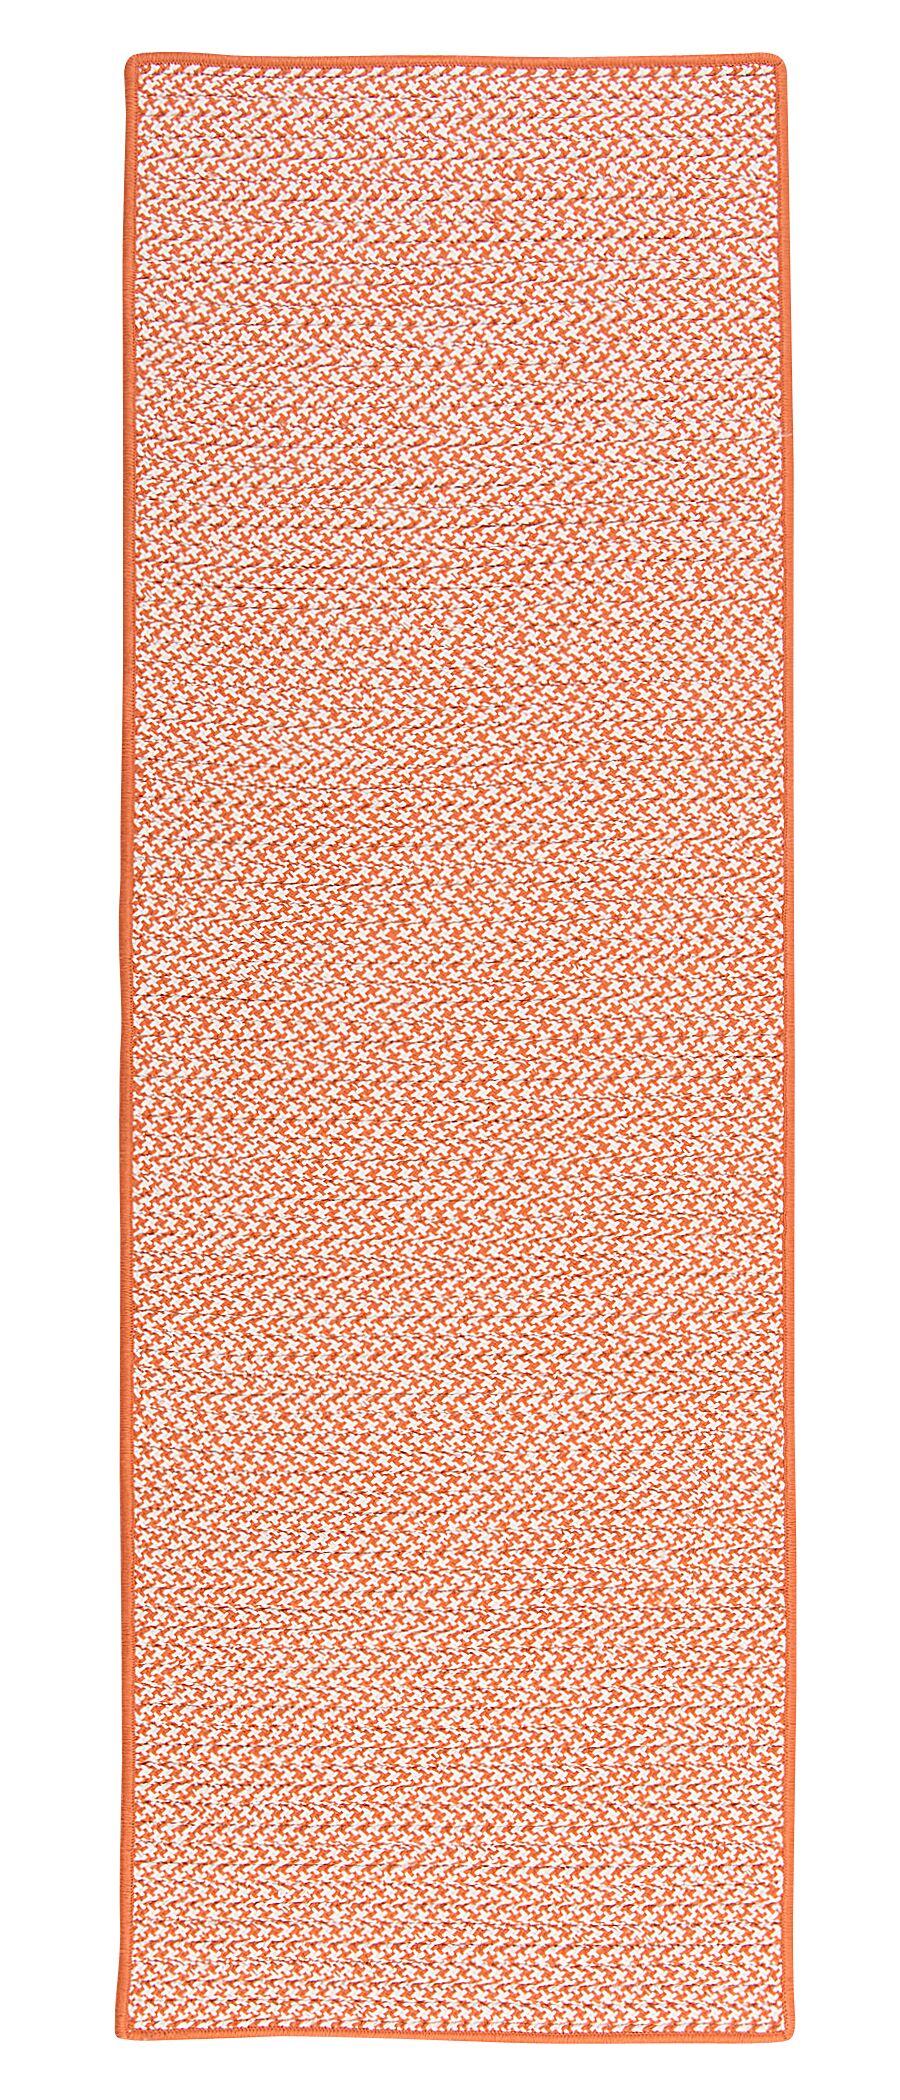 Duane Hand-Braided Orange Indoor/Outdoor Area Rug Rug Size: Runner 2'6